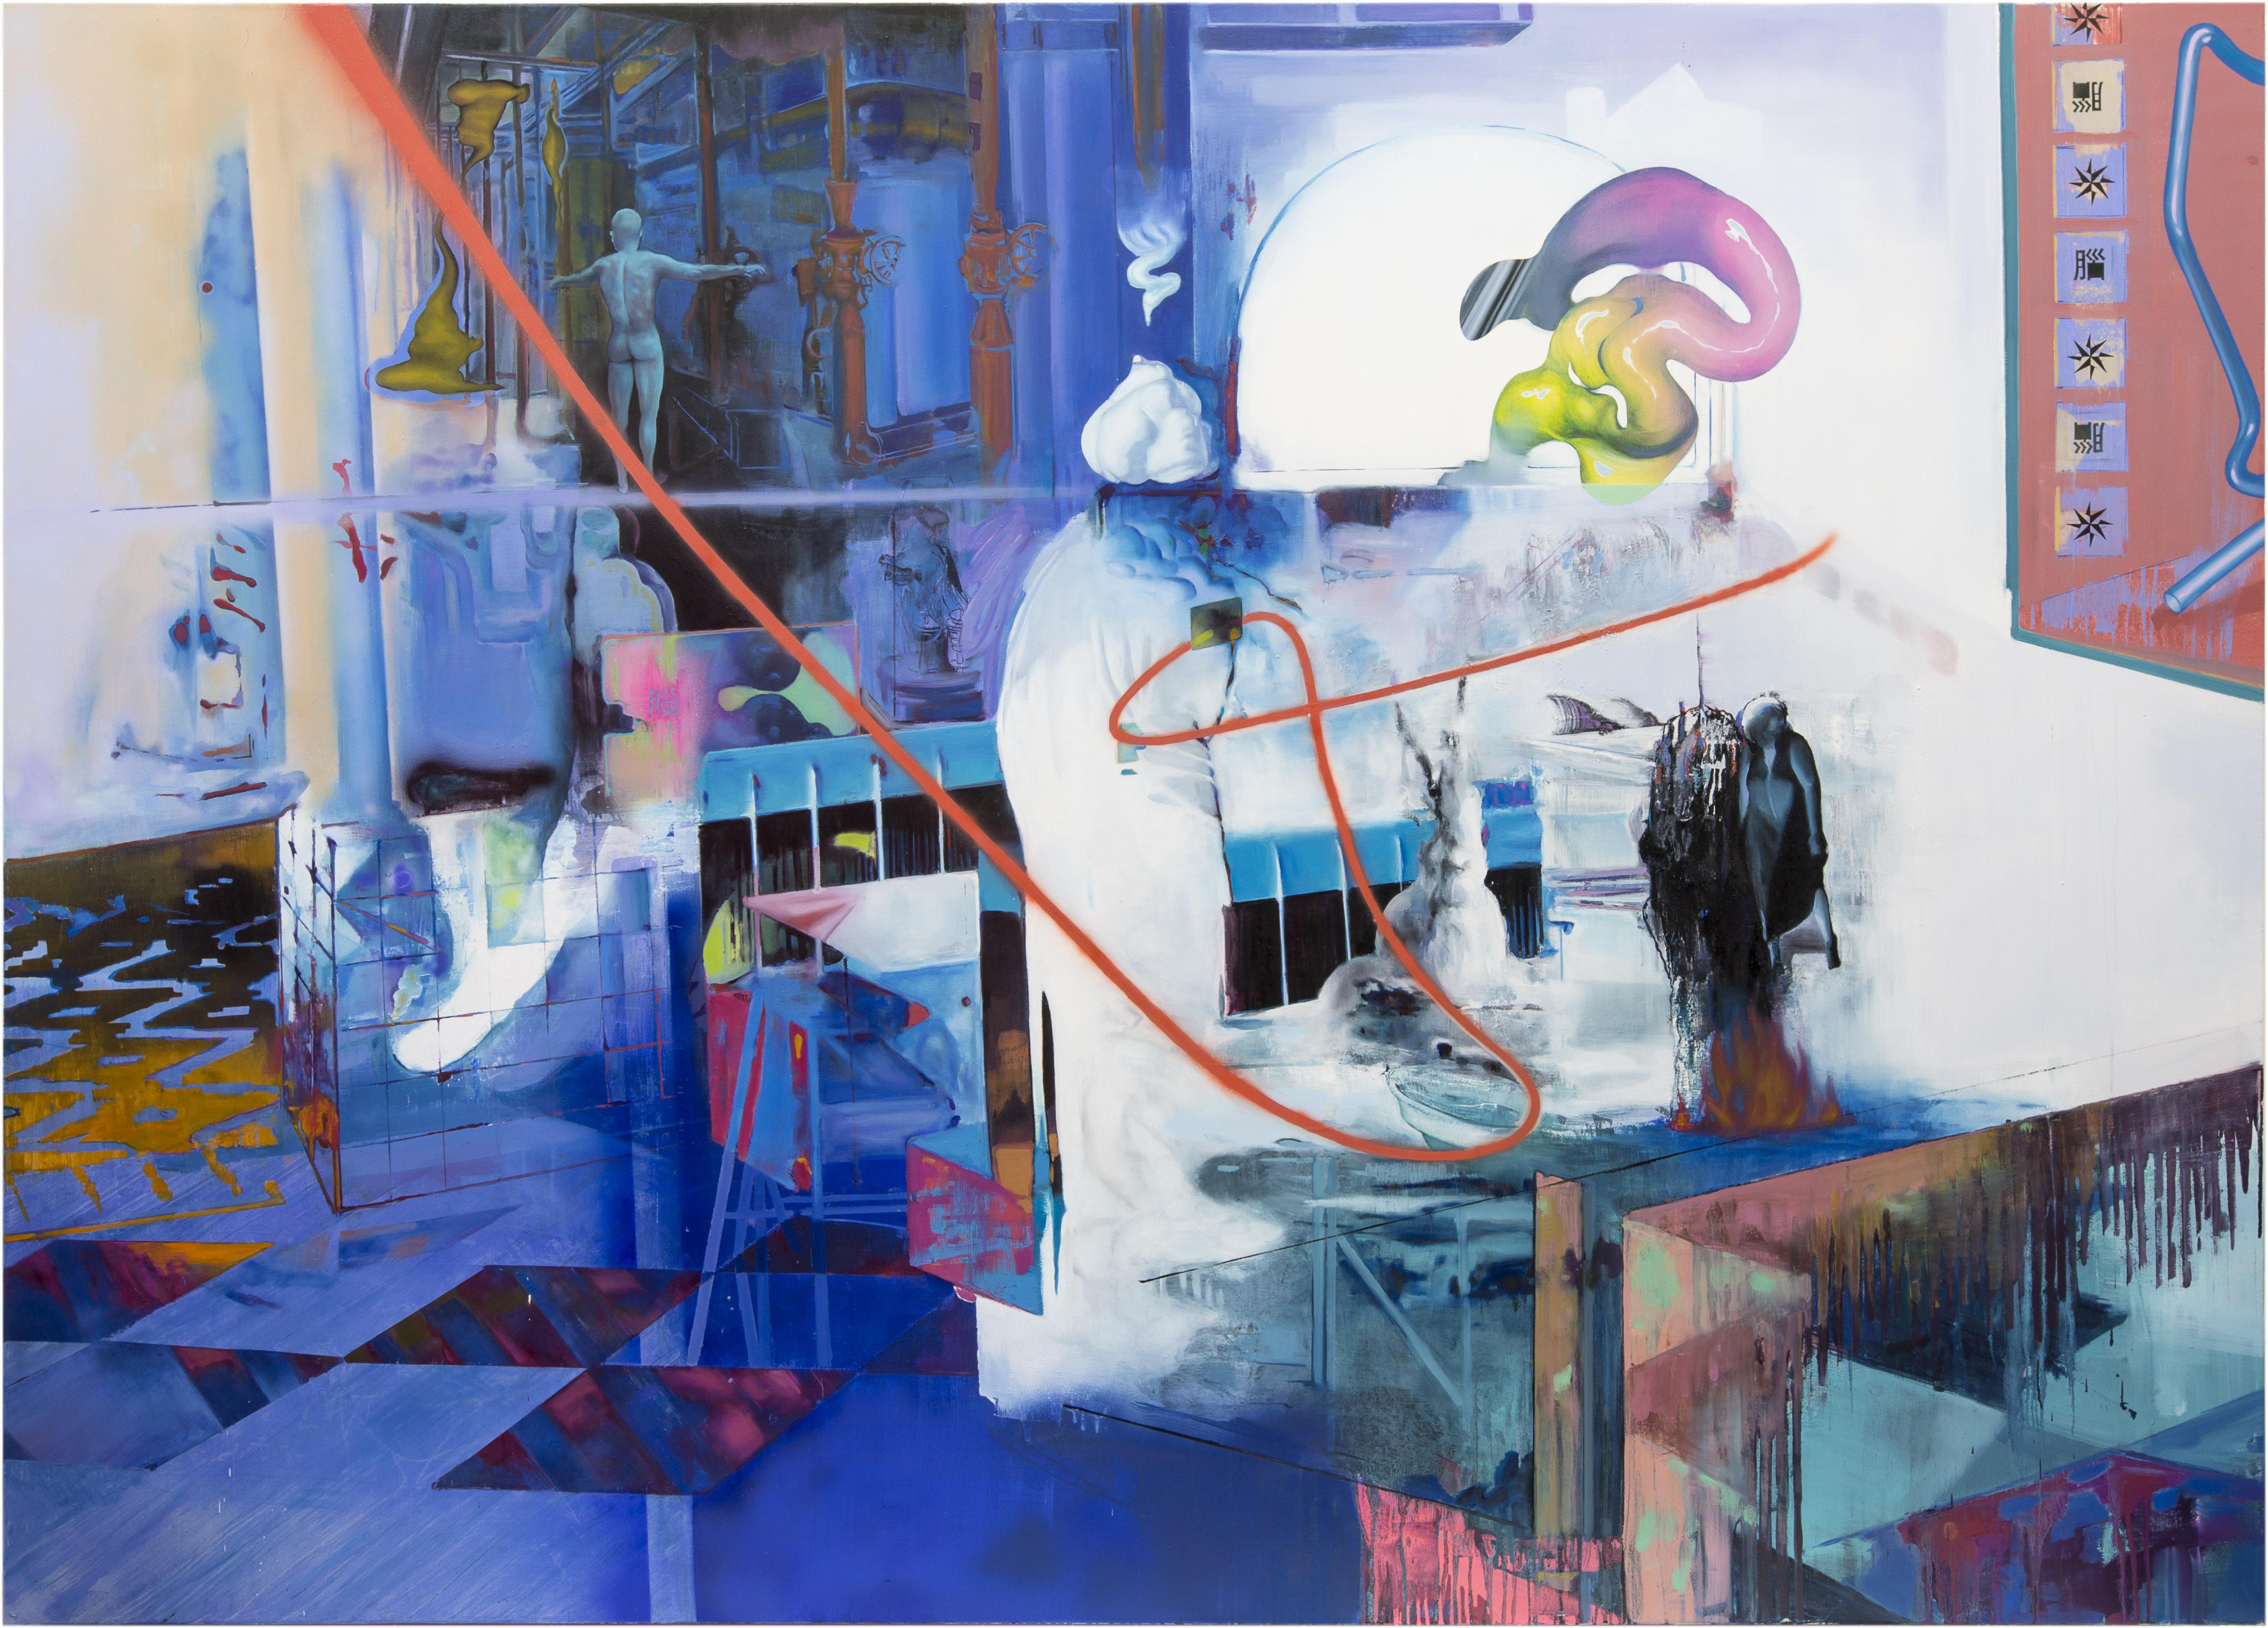 Künstlergespräch mit Rui Zhang